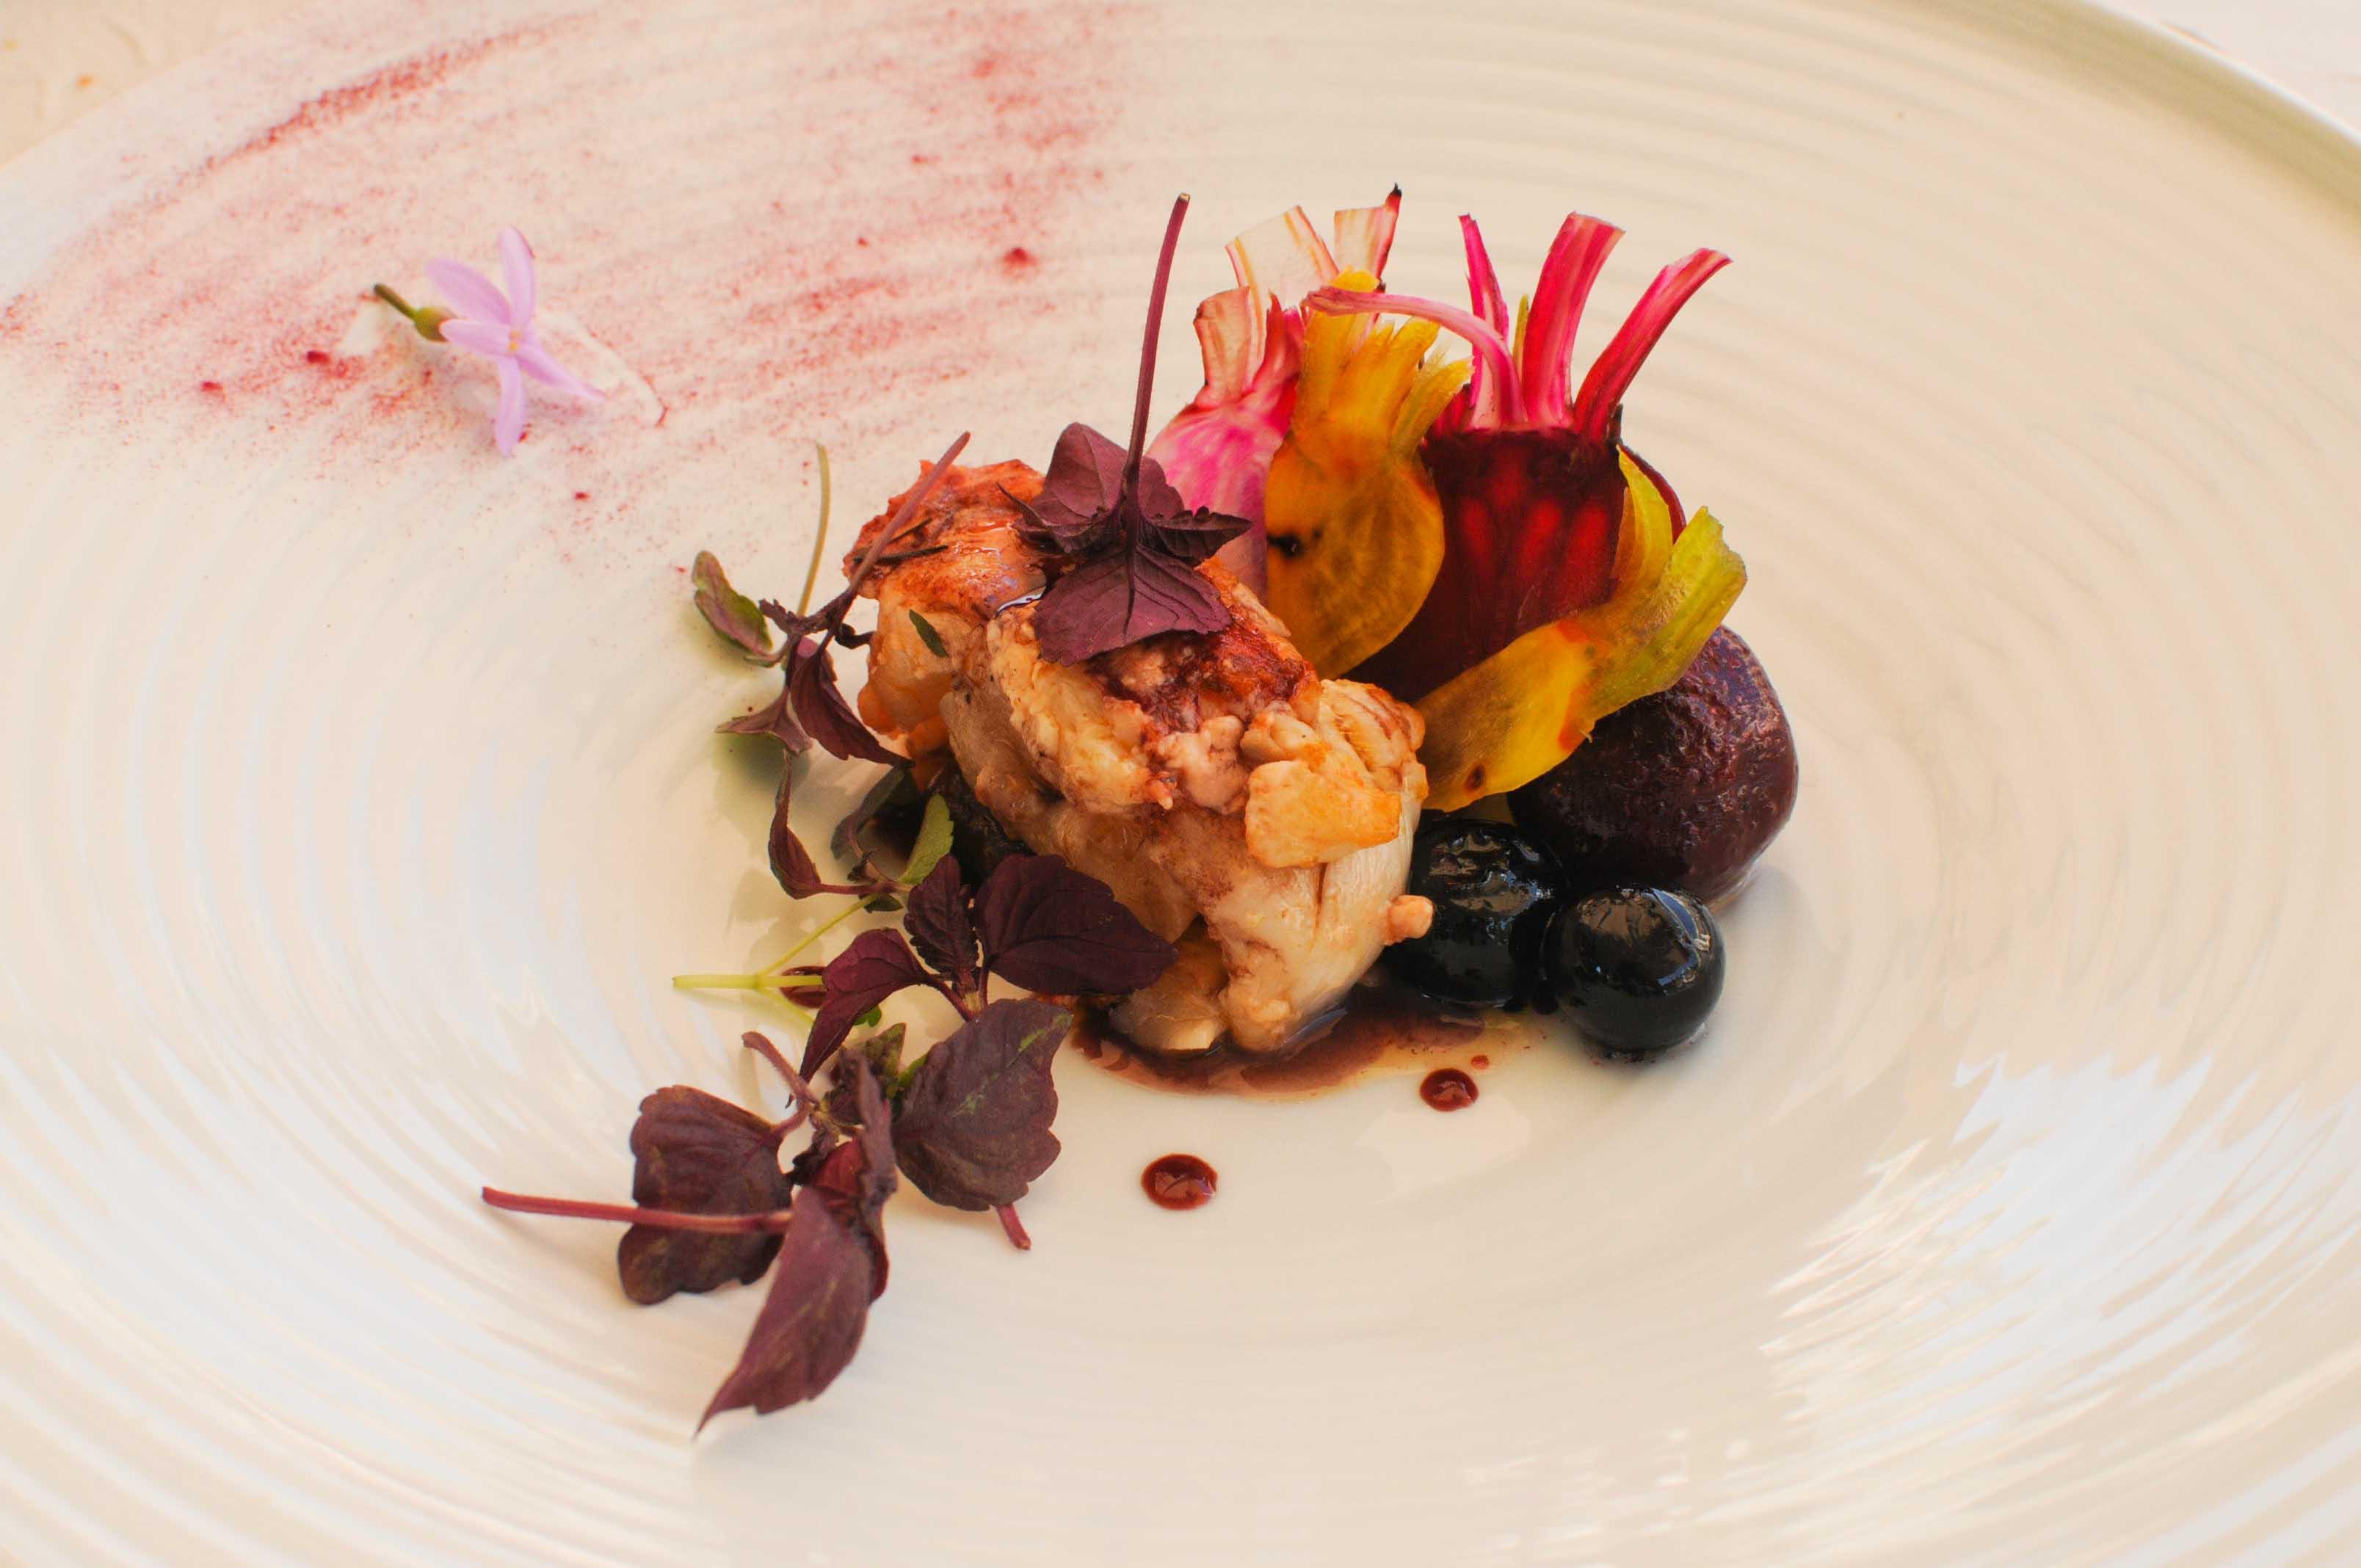 Passions Et Gourmandises Nouveau Déjeuner Chez Richard Toix - Cuisiner comme un chef poitiers